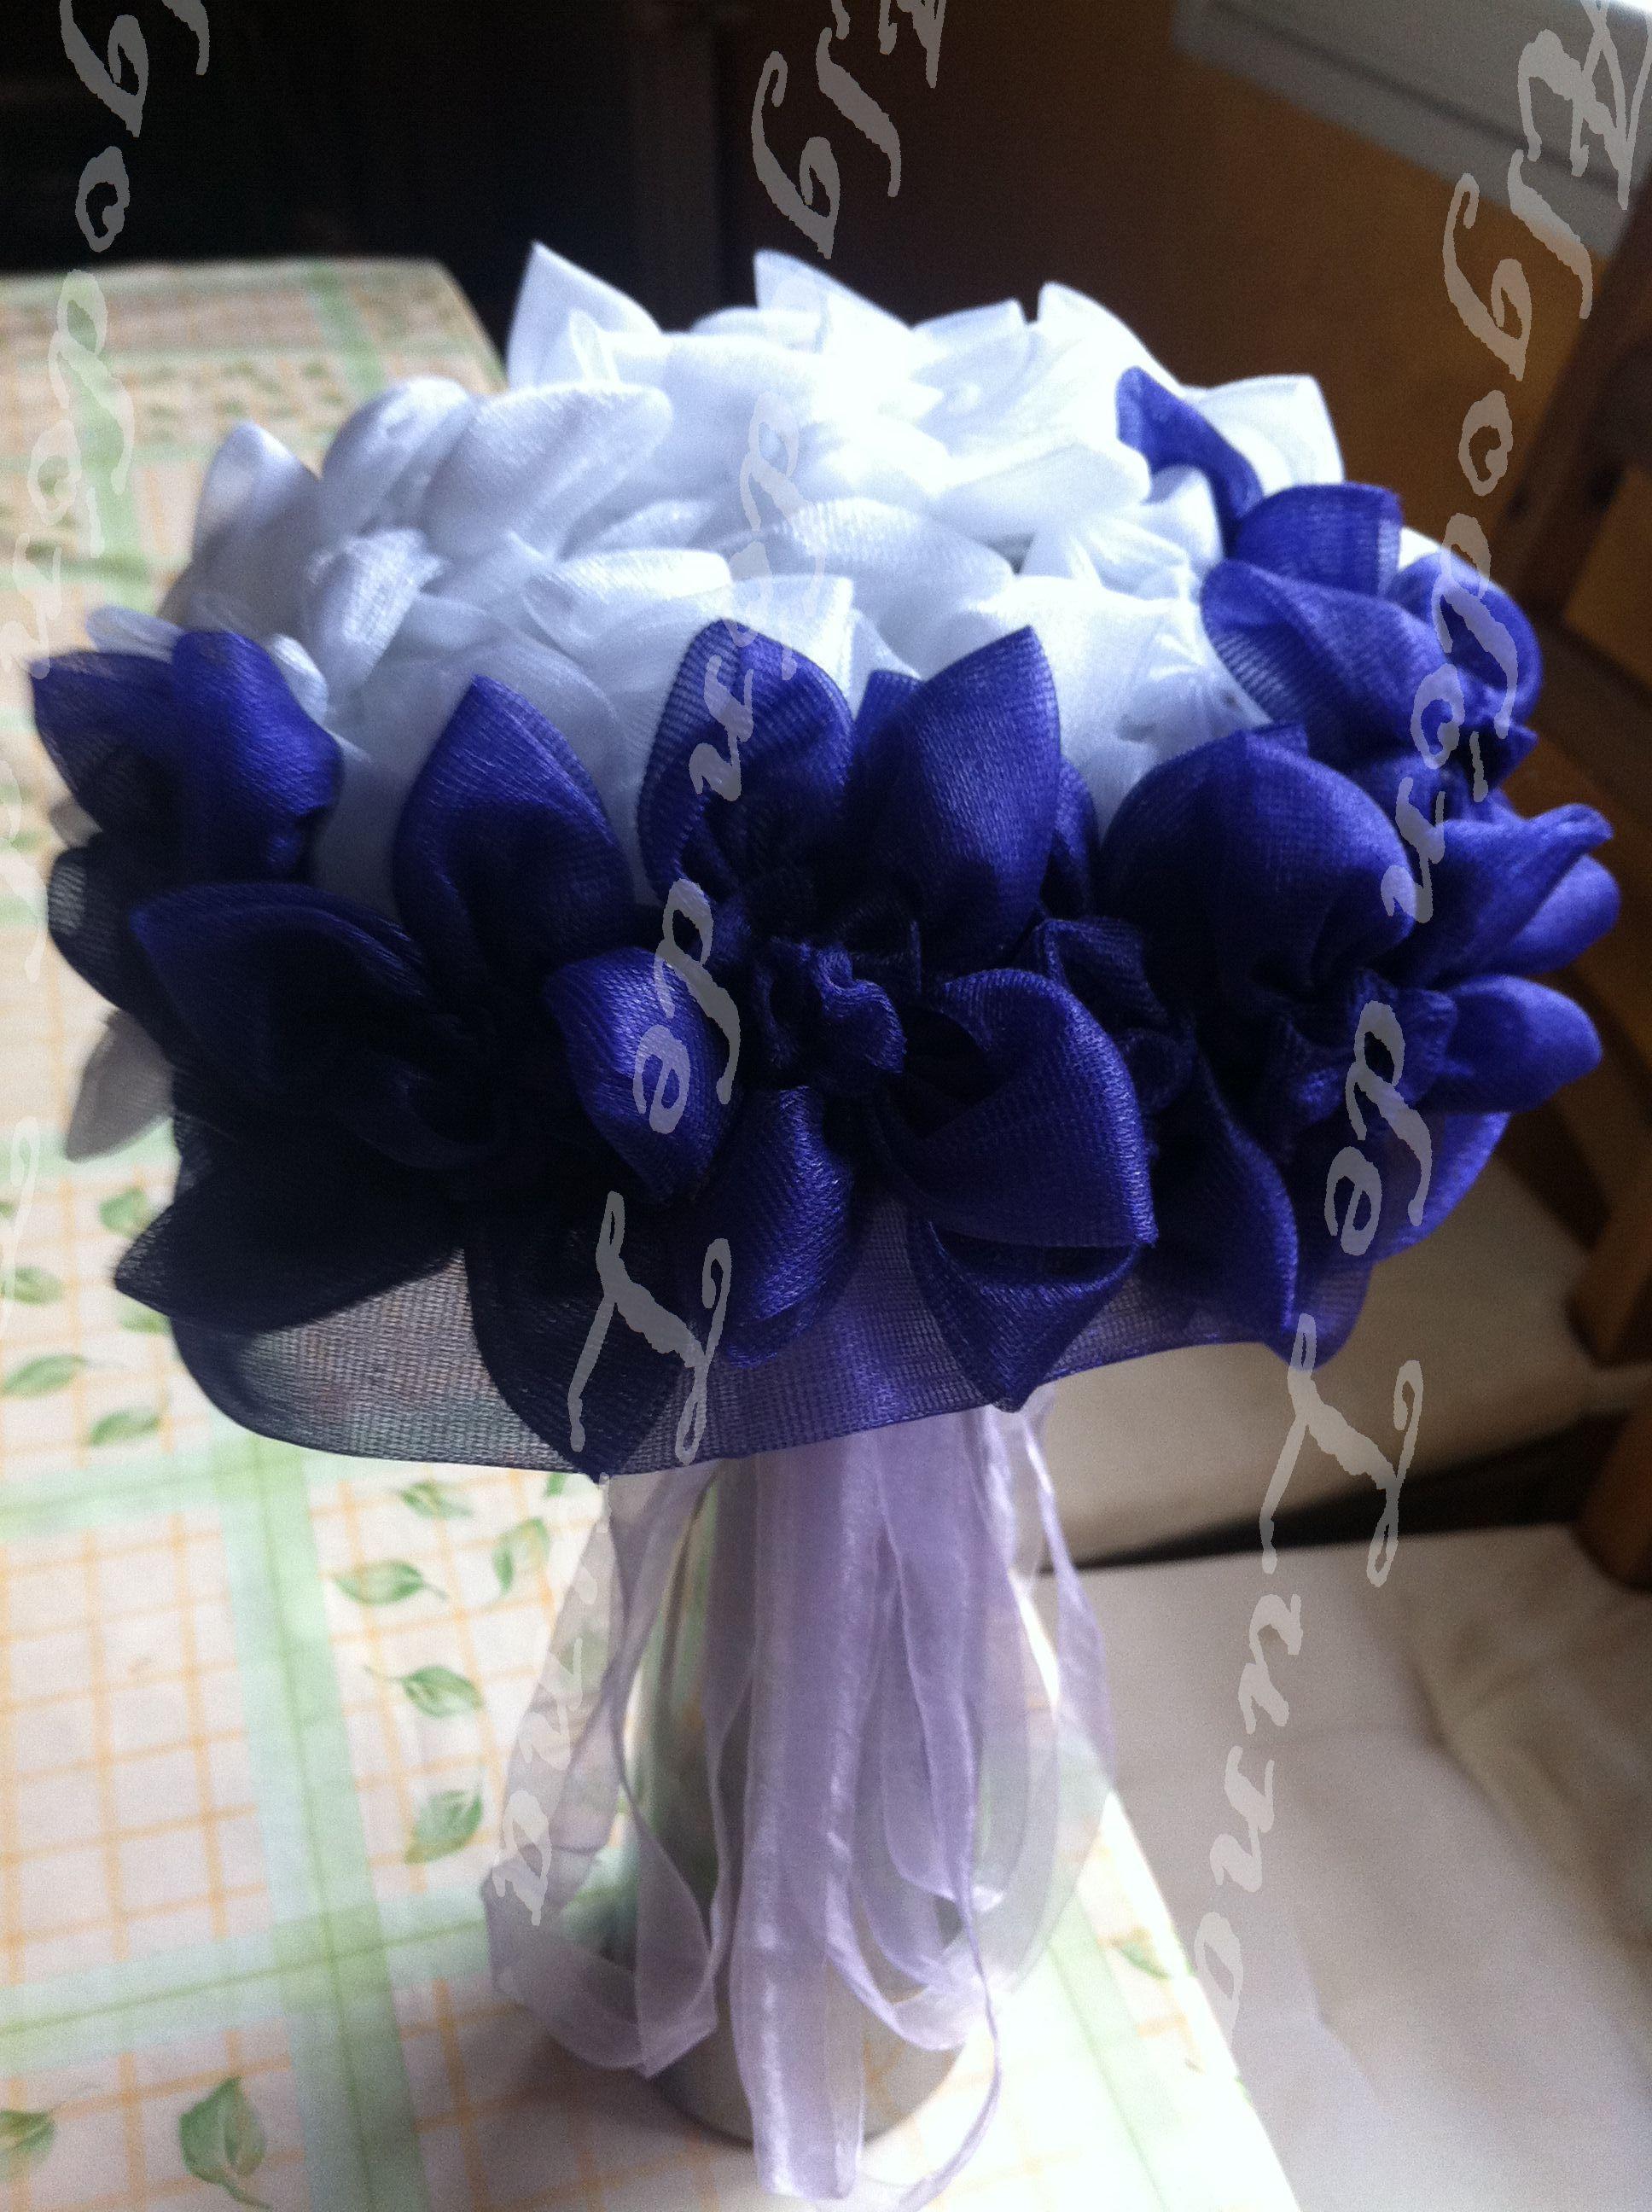 Ramo de novia reversible con flores de seda en violeta y blanco de Algodón de Luna.Ramos  de flores de tela personalizados para novias.   Hand made bridal, wedding bouquet.  informacion@algodondeluna.com         +34606619349  www.algodondeluna.com